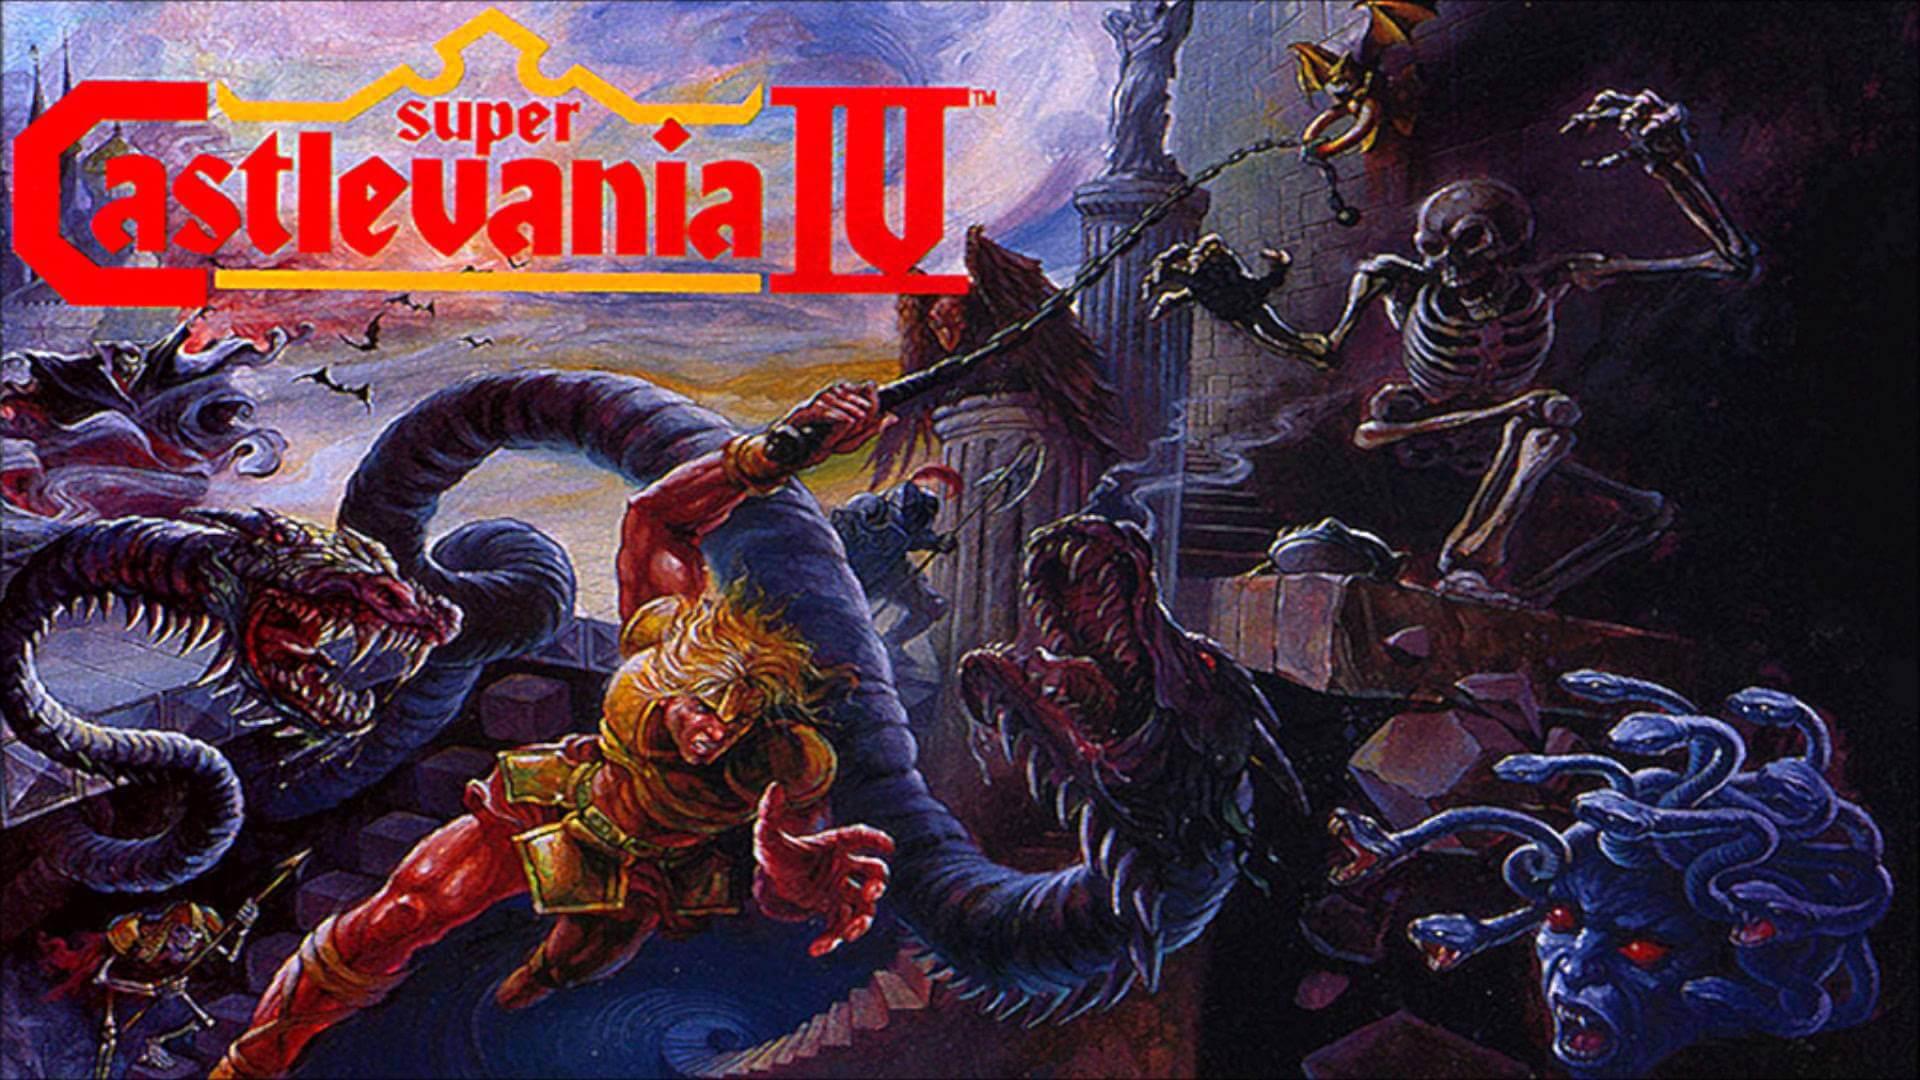 super-castlevania-iv-cover-1